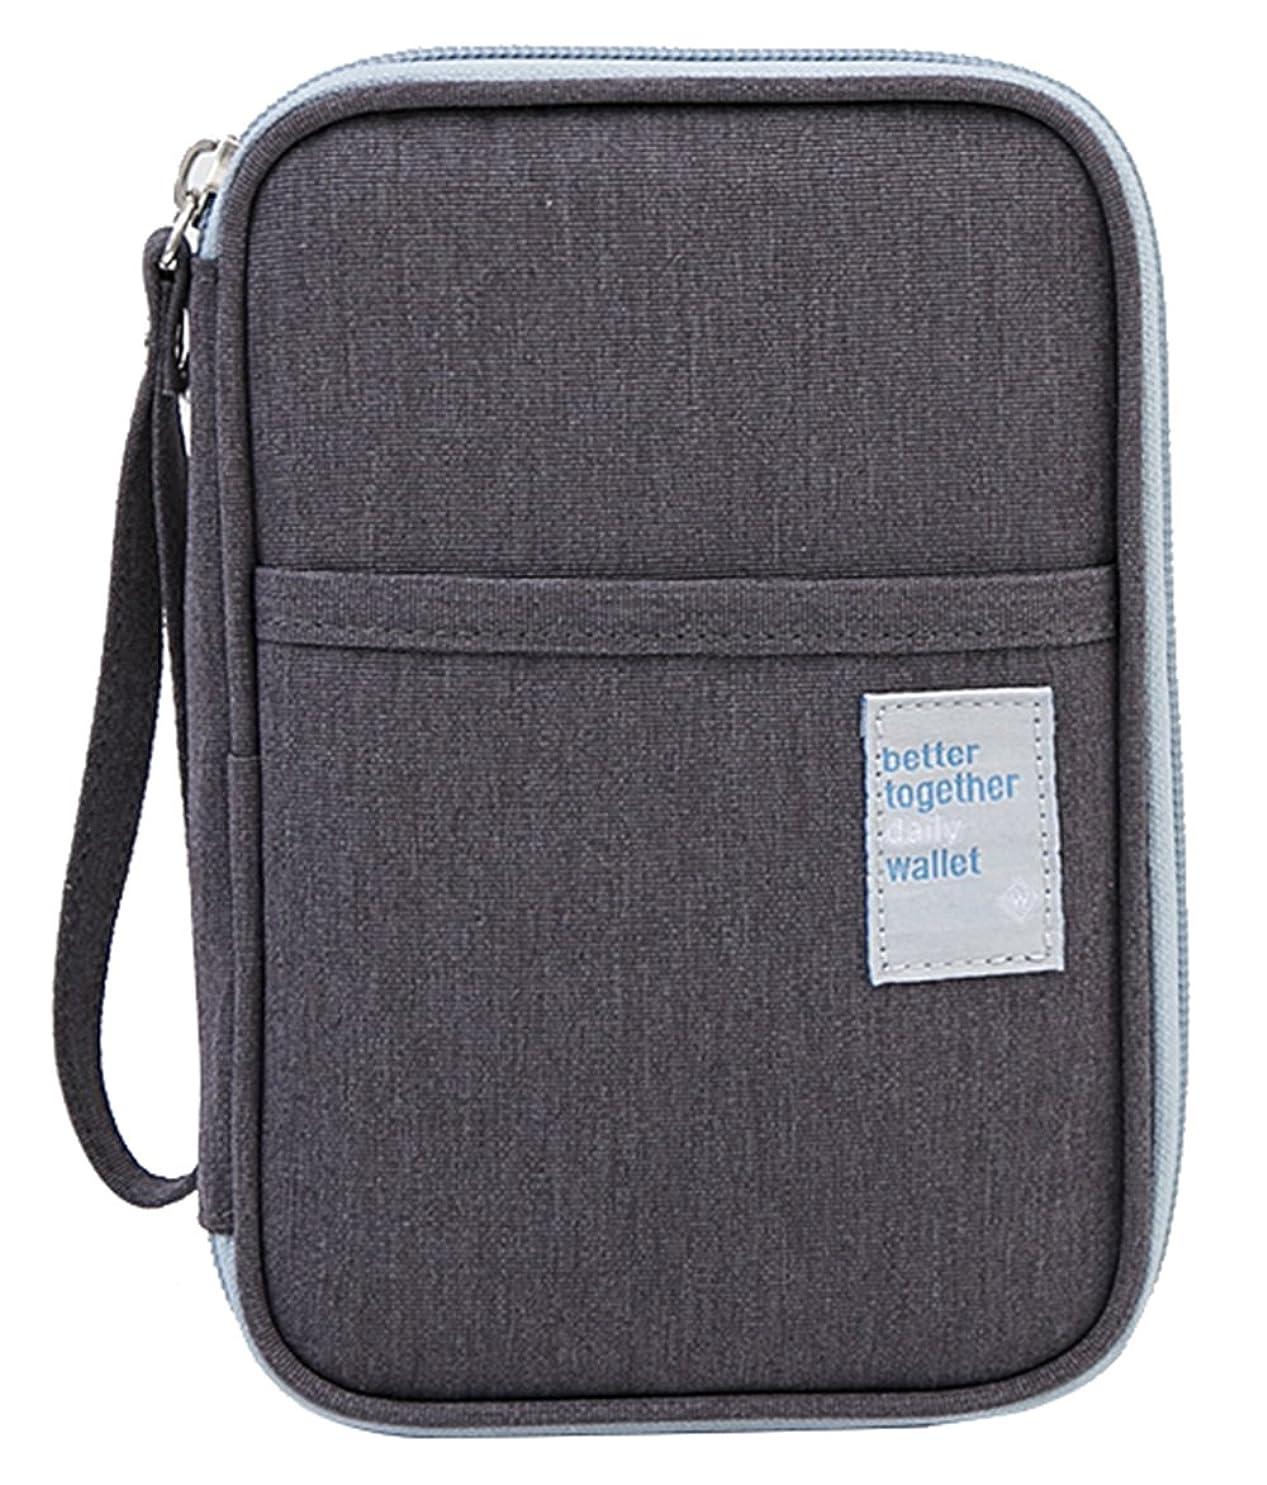 オーストラリアワイド設計図パスポートケース パスポートバッグ Skycase 100%ハンドメイド パスポートカバー カード入れ スマホ収納 通帳ケース 貴重品収納 花柄 花 フラワー 海外旅行 出張 ビジネスに適用